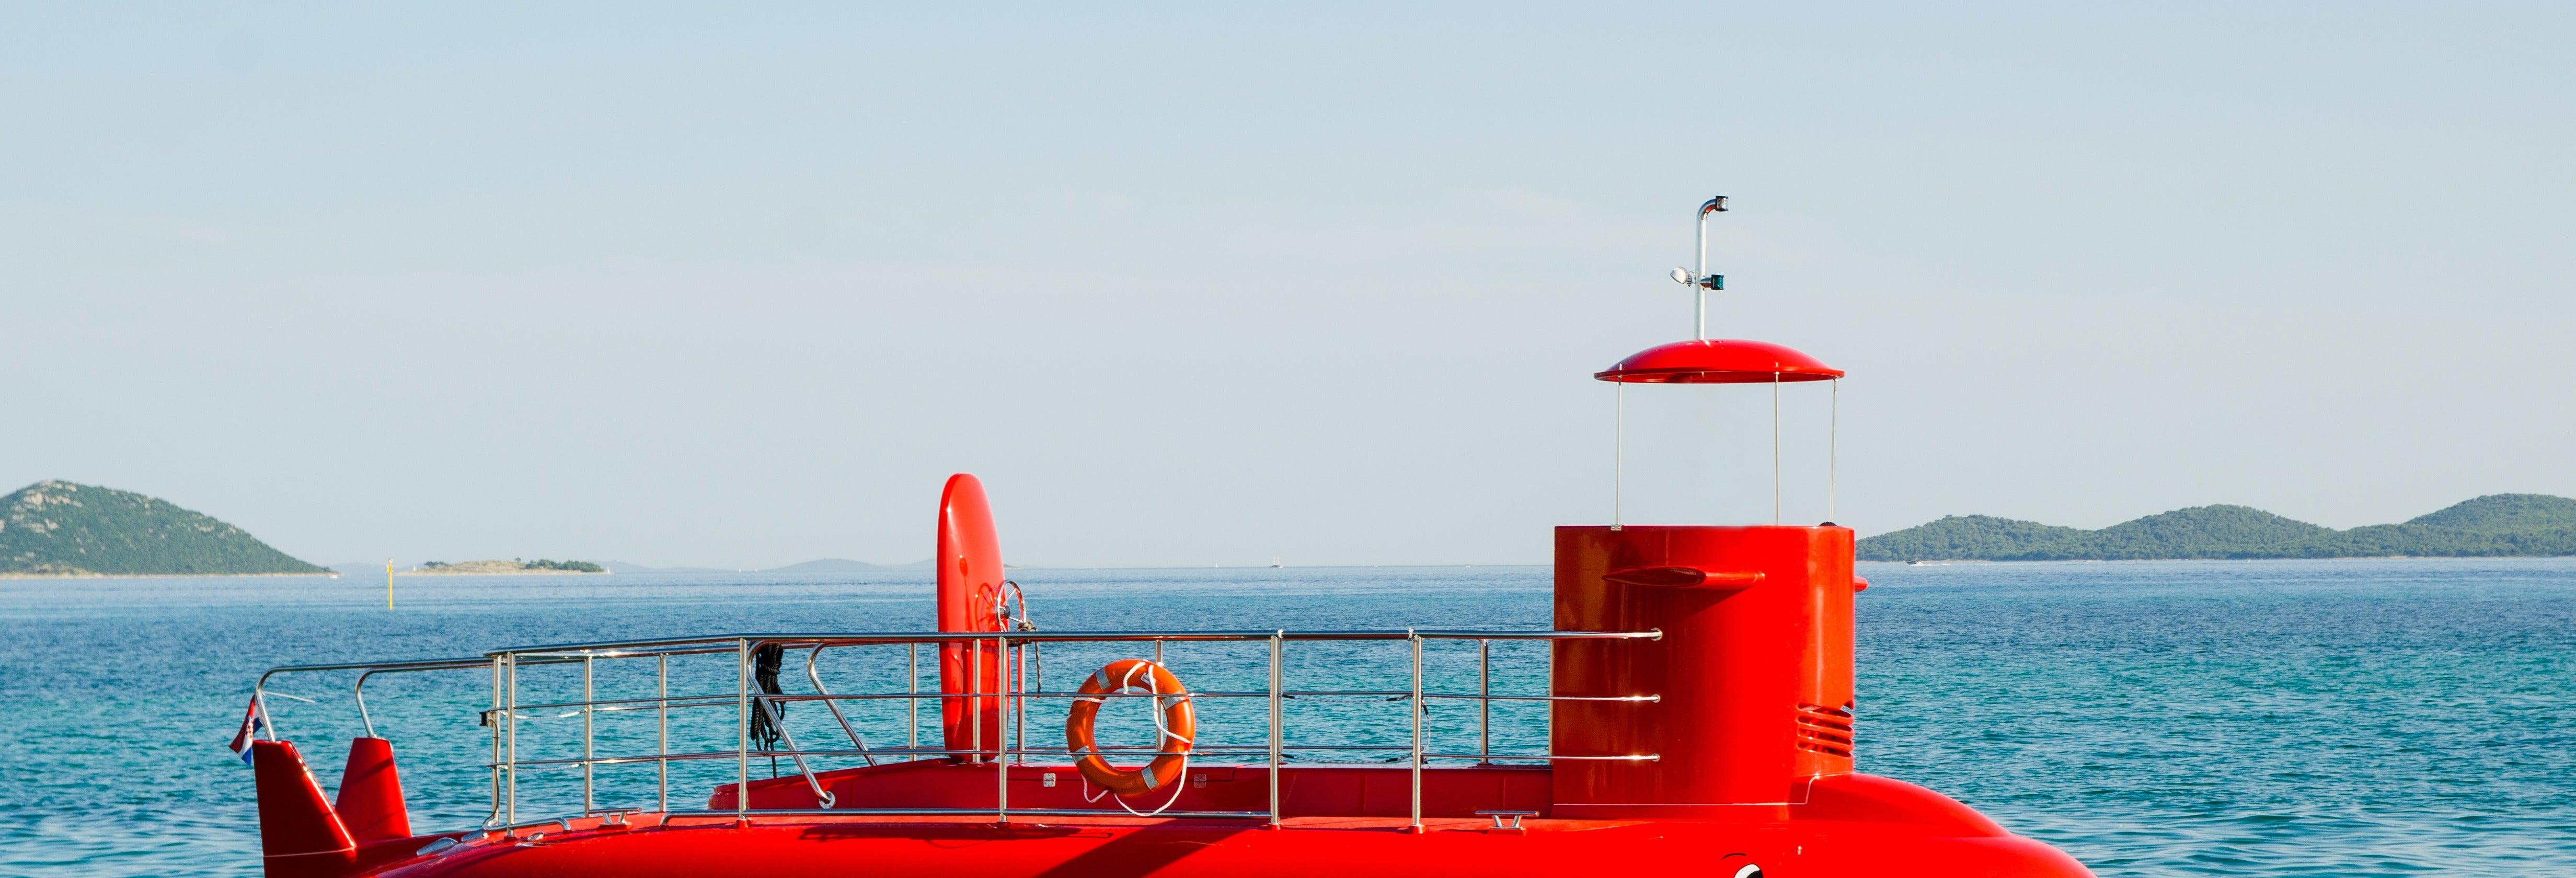 Balade en bateau à vision sous-marine dans la baie de Kotor